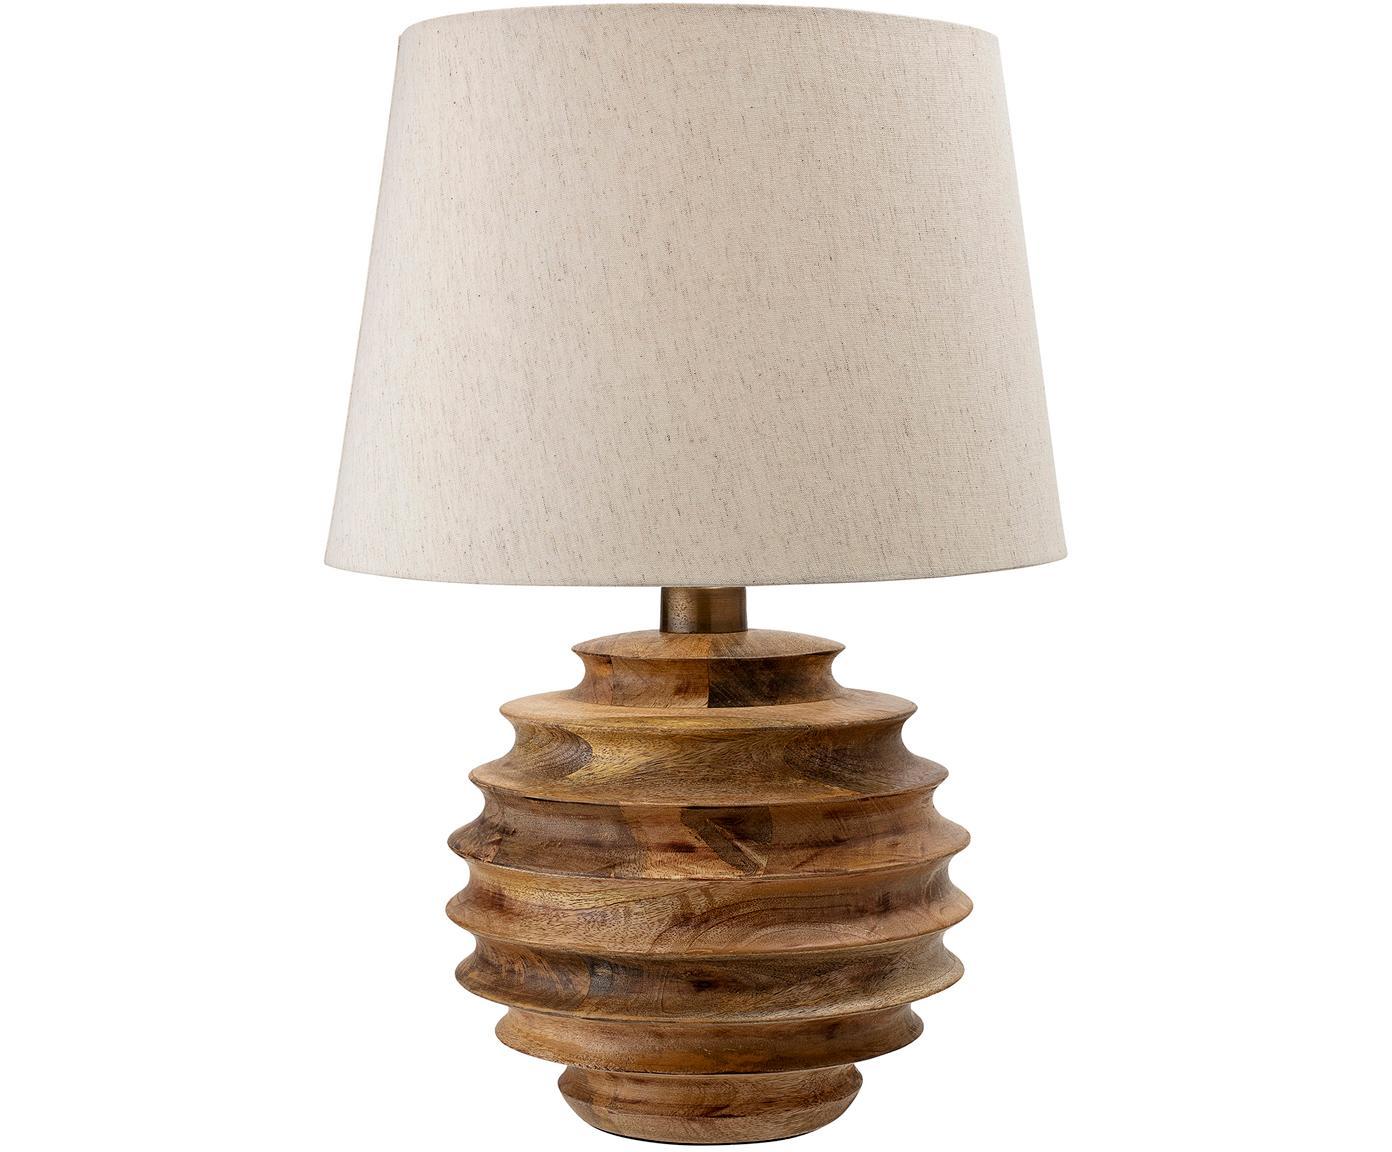 Lampa stołowa z drewna mangowego Forsythia, Biały, drewno mangowe, Ø 38 x W 54 cm